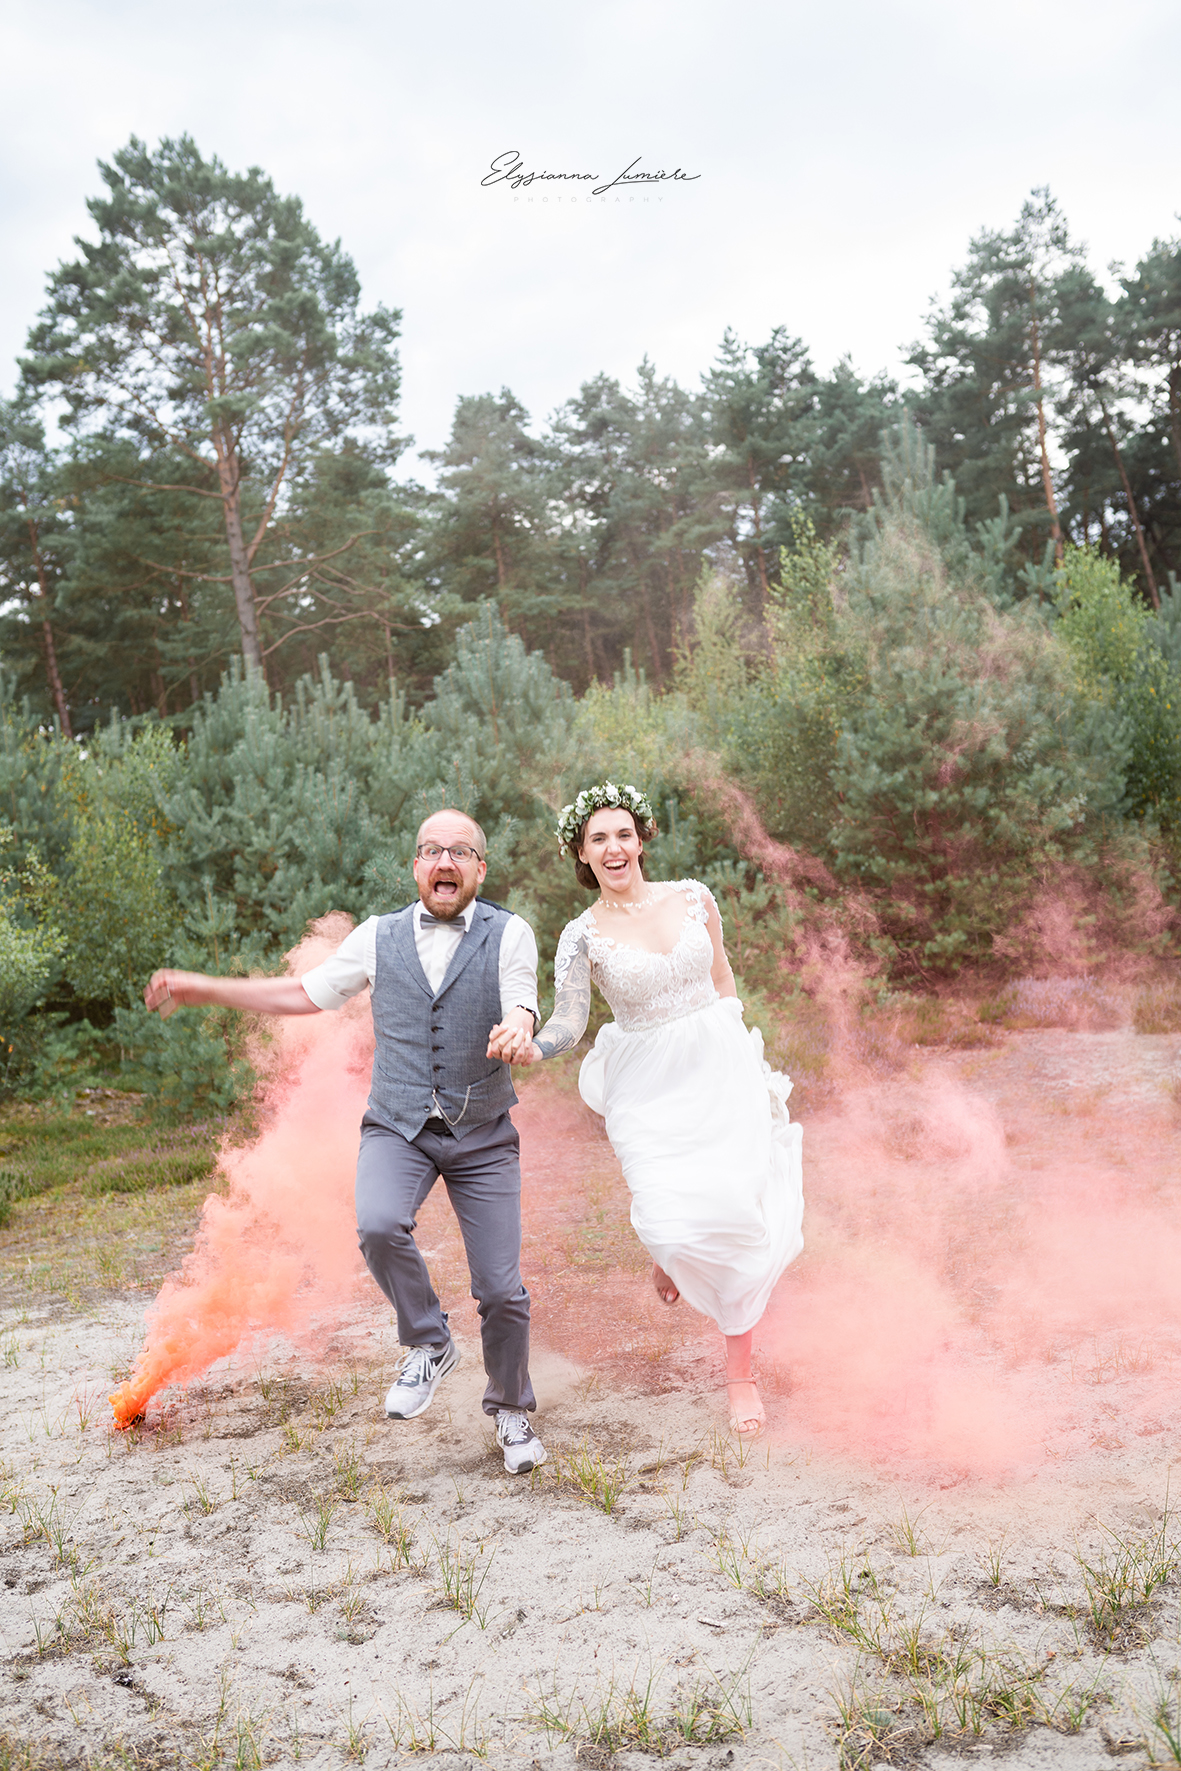 Brautpaar in Action durch den Rauch springend